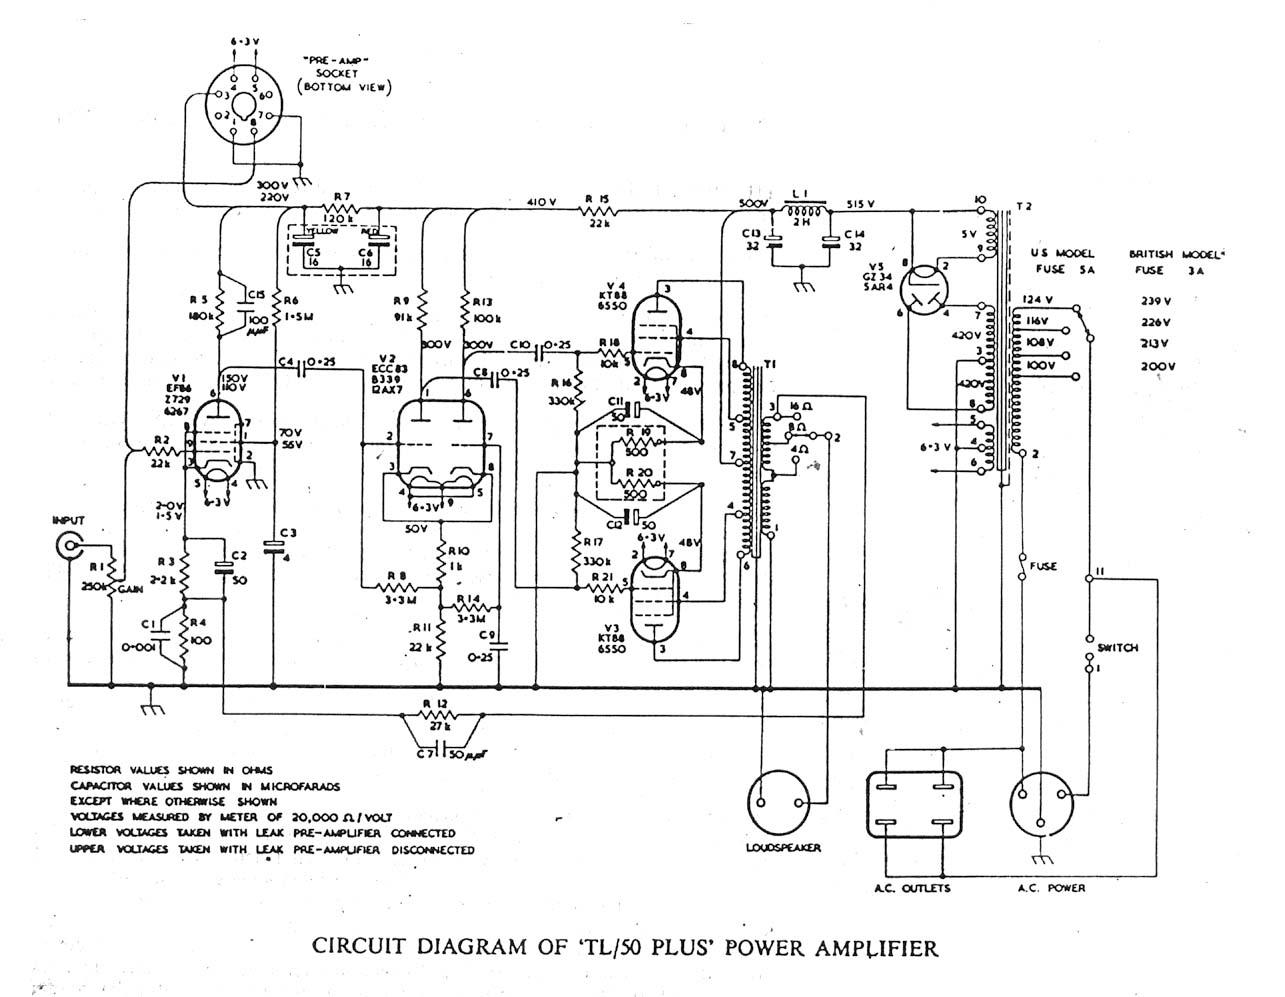 Distortion In The Leak Tl 50 Plus Amplifier